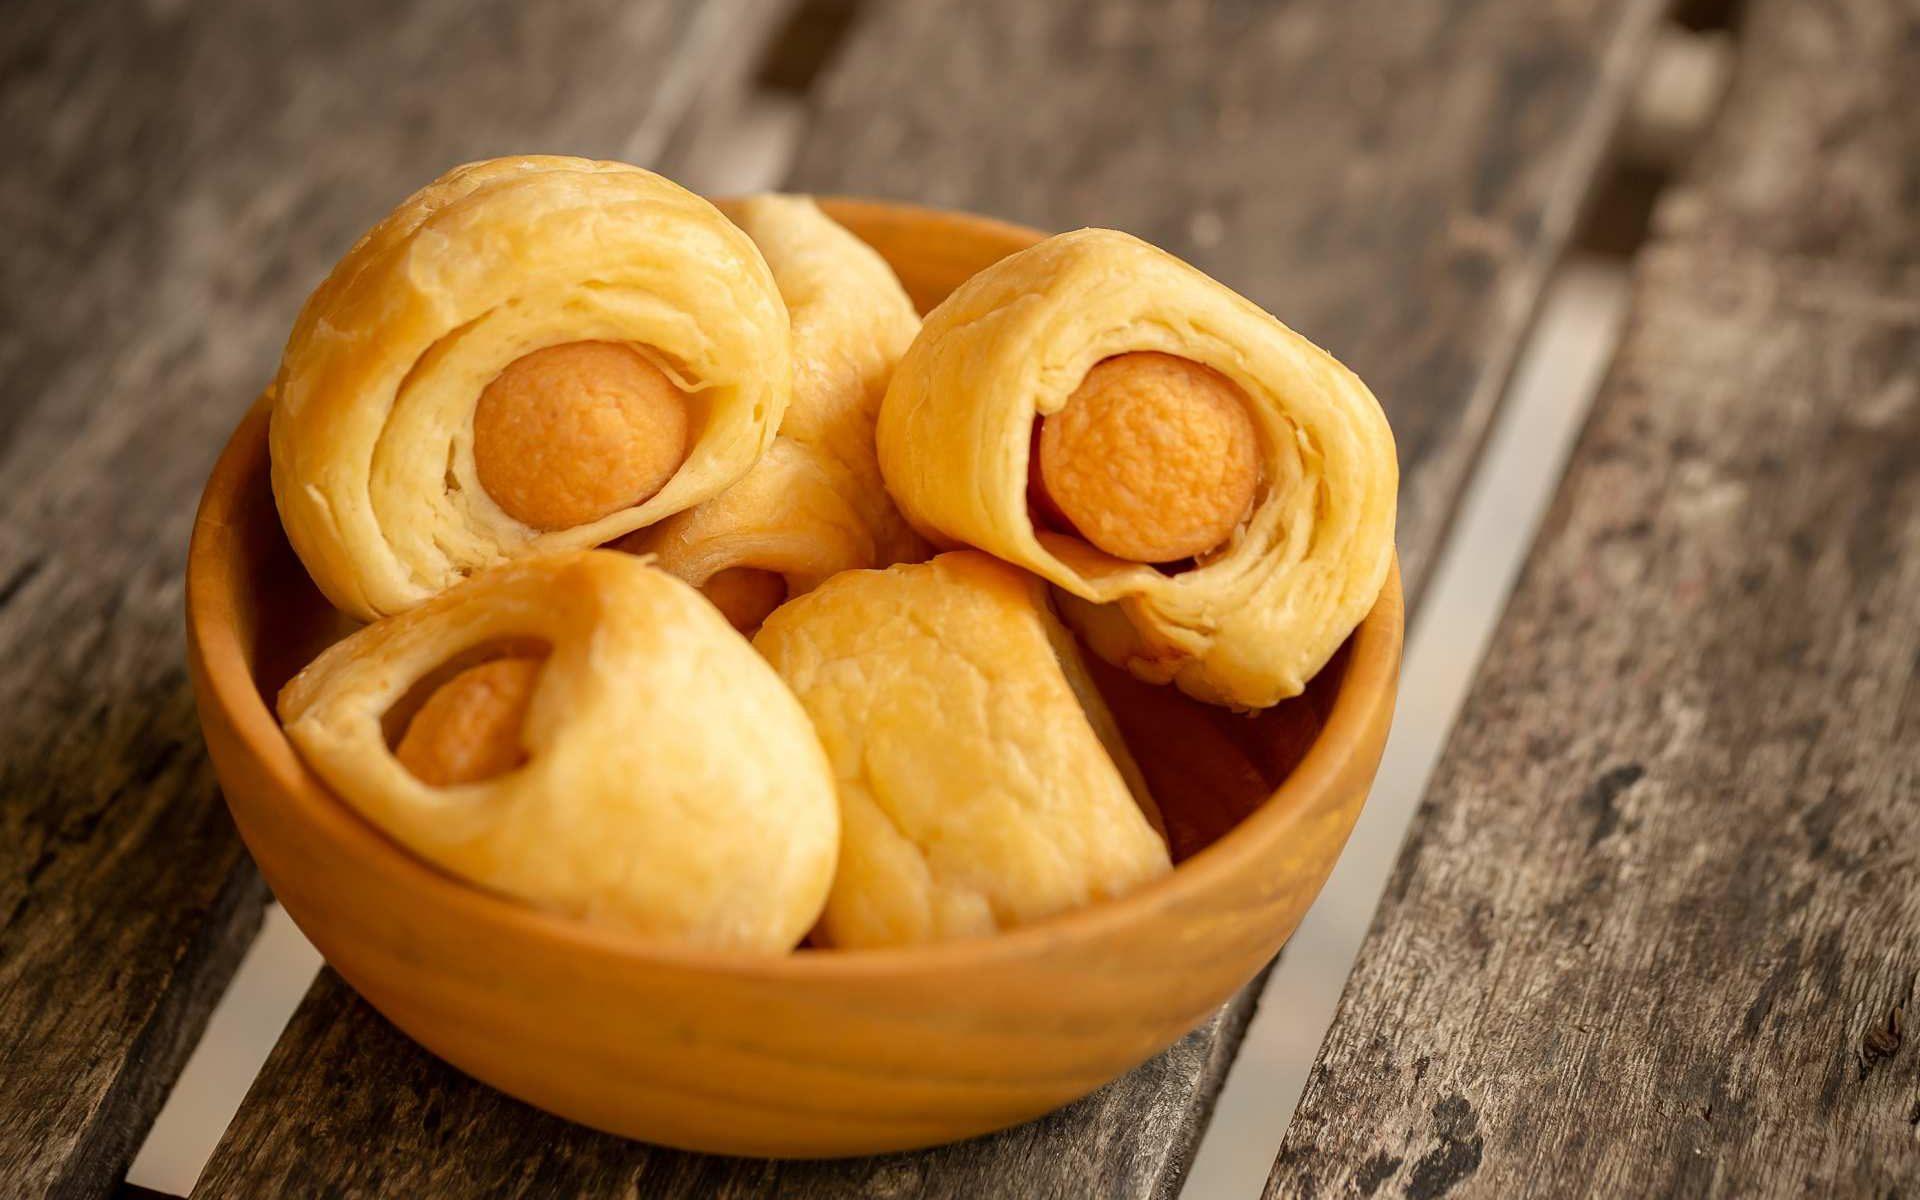 Λουκανικοπιτάκια Κουρού με καπνιστό λουκάνικο τύπου Μυκόνου Χρυσή Ζύμη